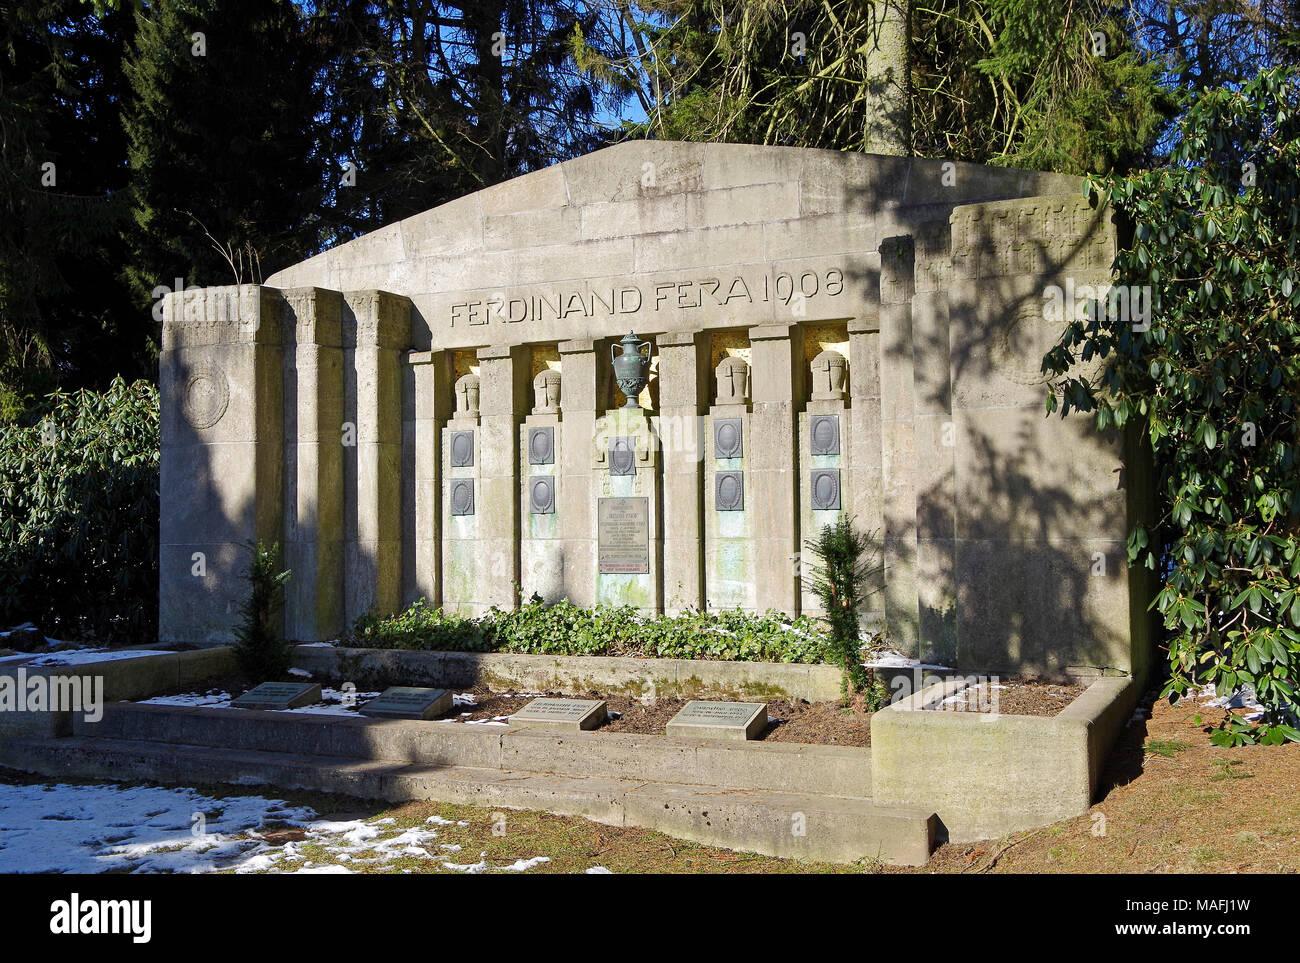 En Hamburgo Ohlsdorf cementerio, establecido en 1877 como un sitio de entierro no confesional, uno de los cementerios más grandes del mundo, el horario de invierno, Foto de stock